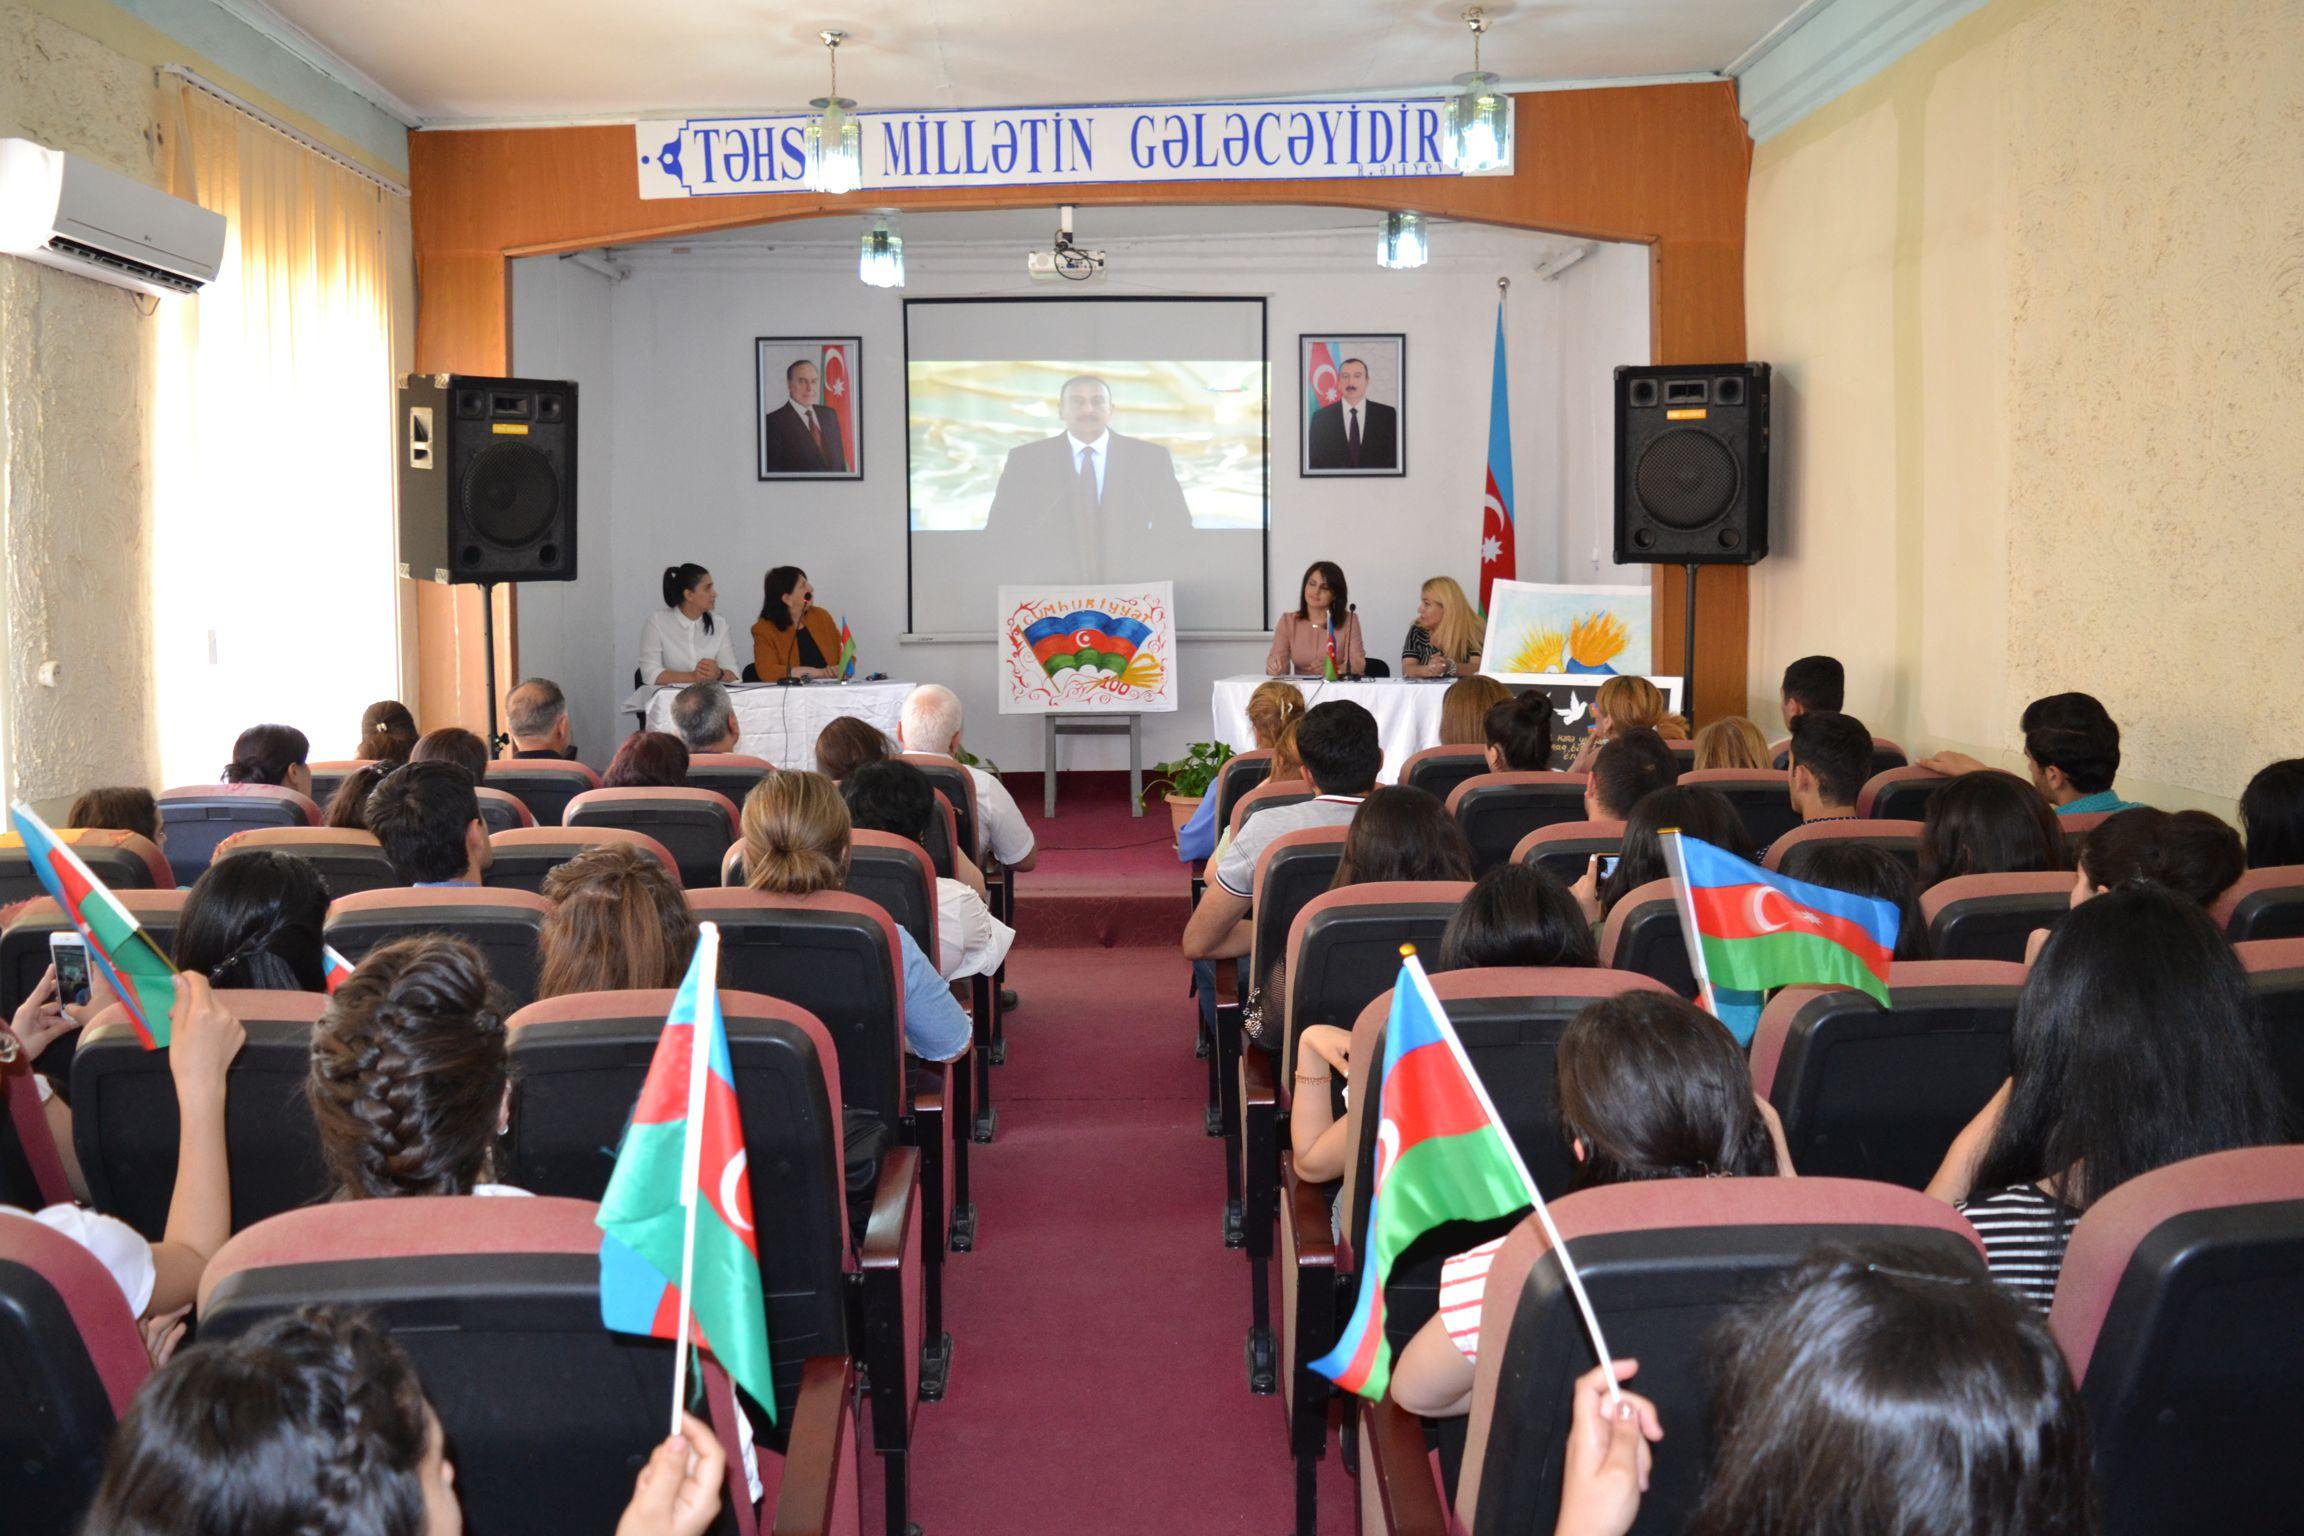 Azərbaycan Xalq Cumhuriyyətinin 100 illik yubileyinə həsr olunmuş təntənəli tədbir keçirildi